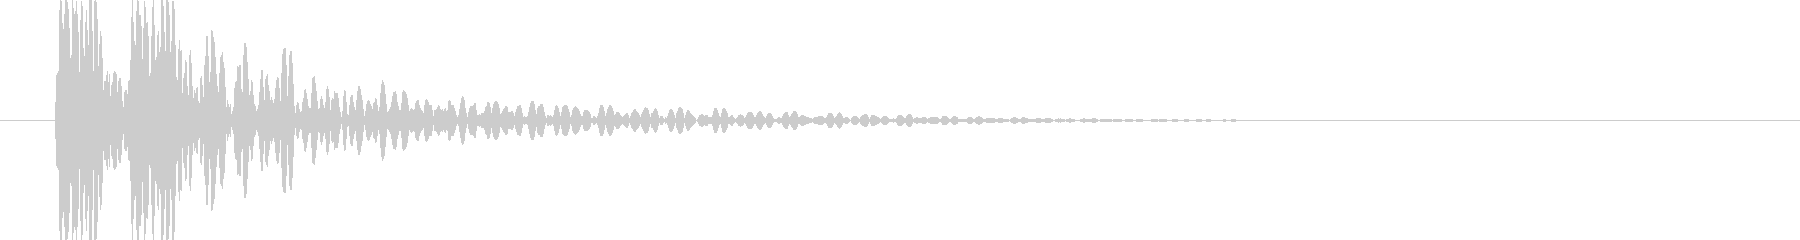 ドドン (桶胴太鼓をたたく音)の未再生の波形